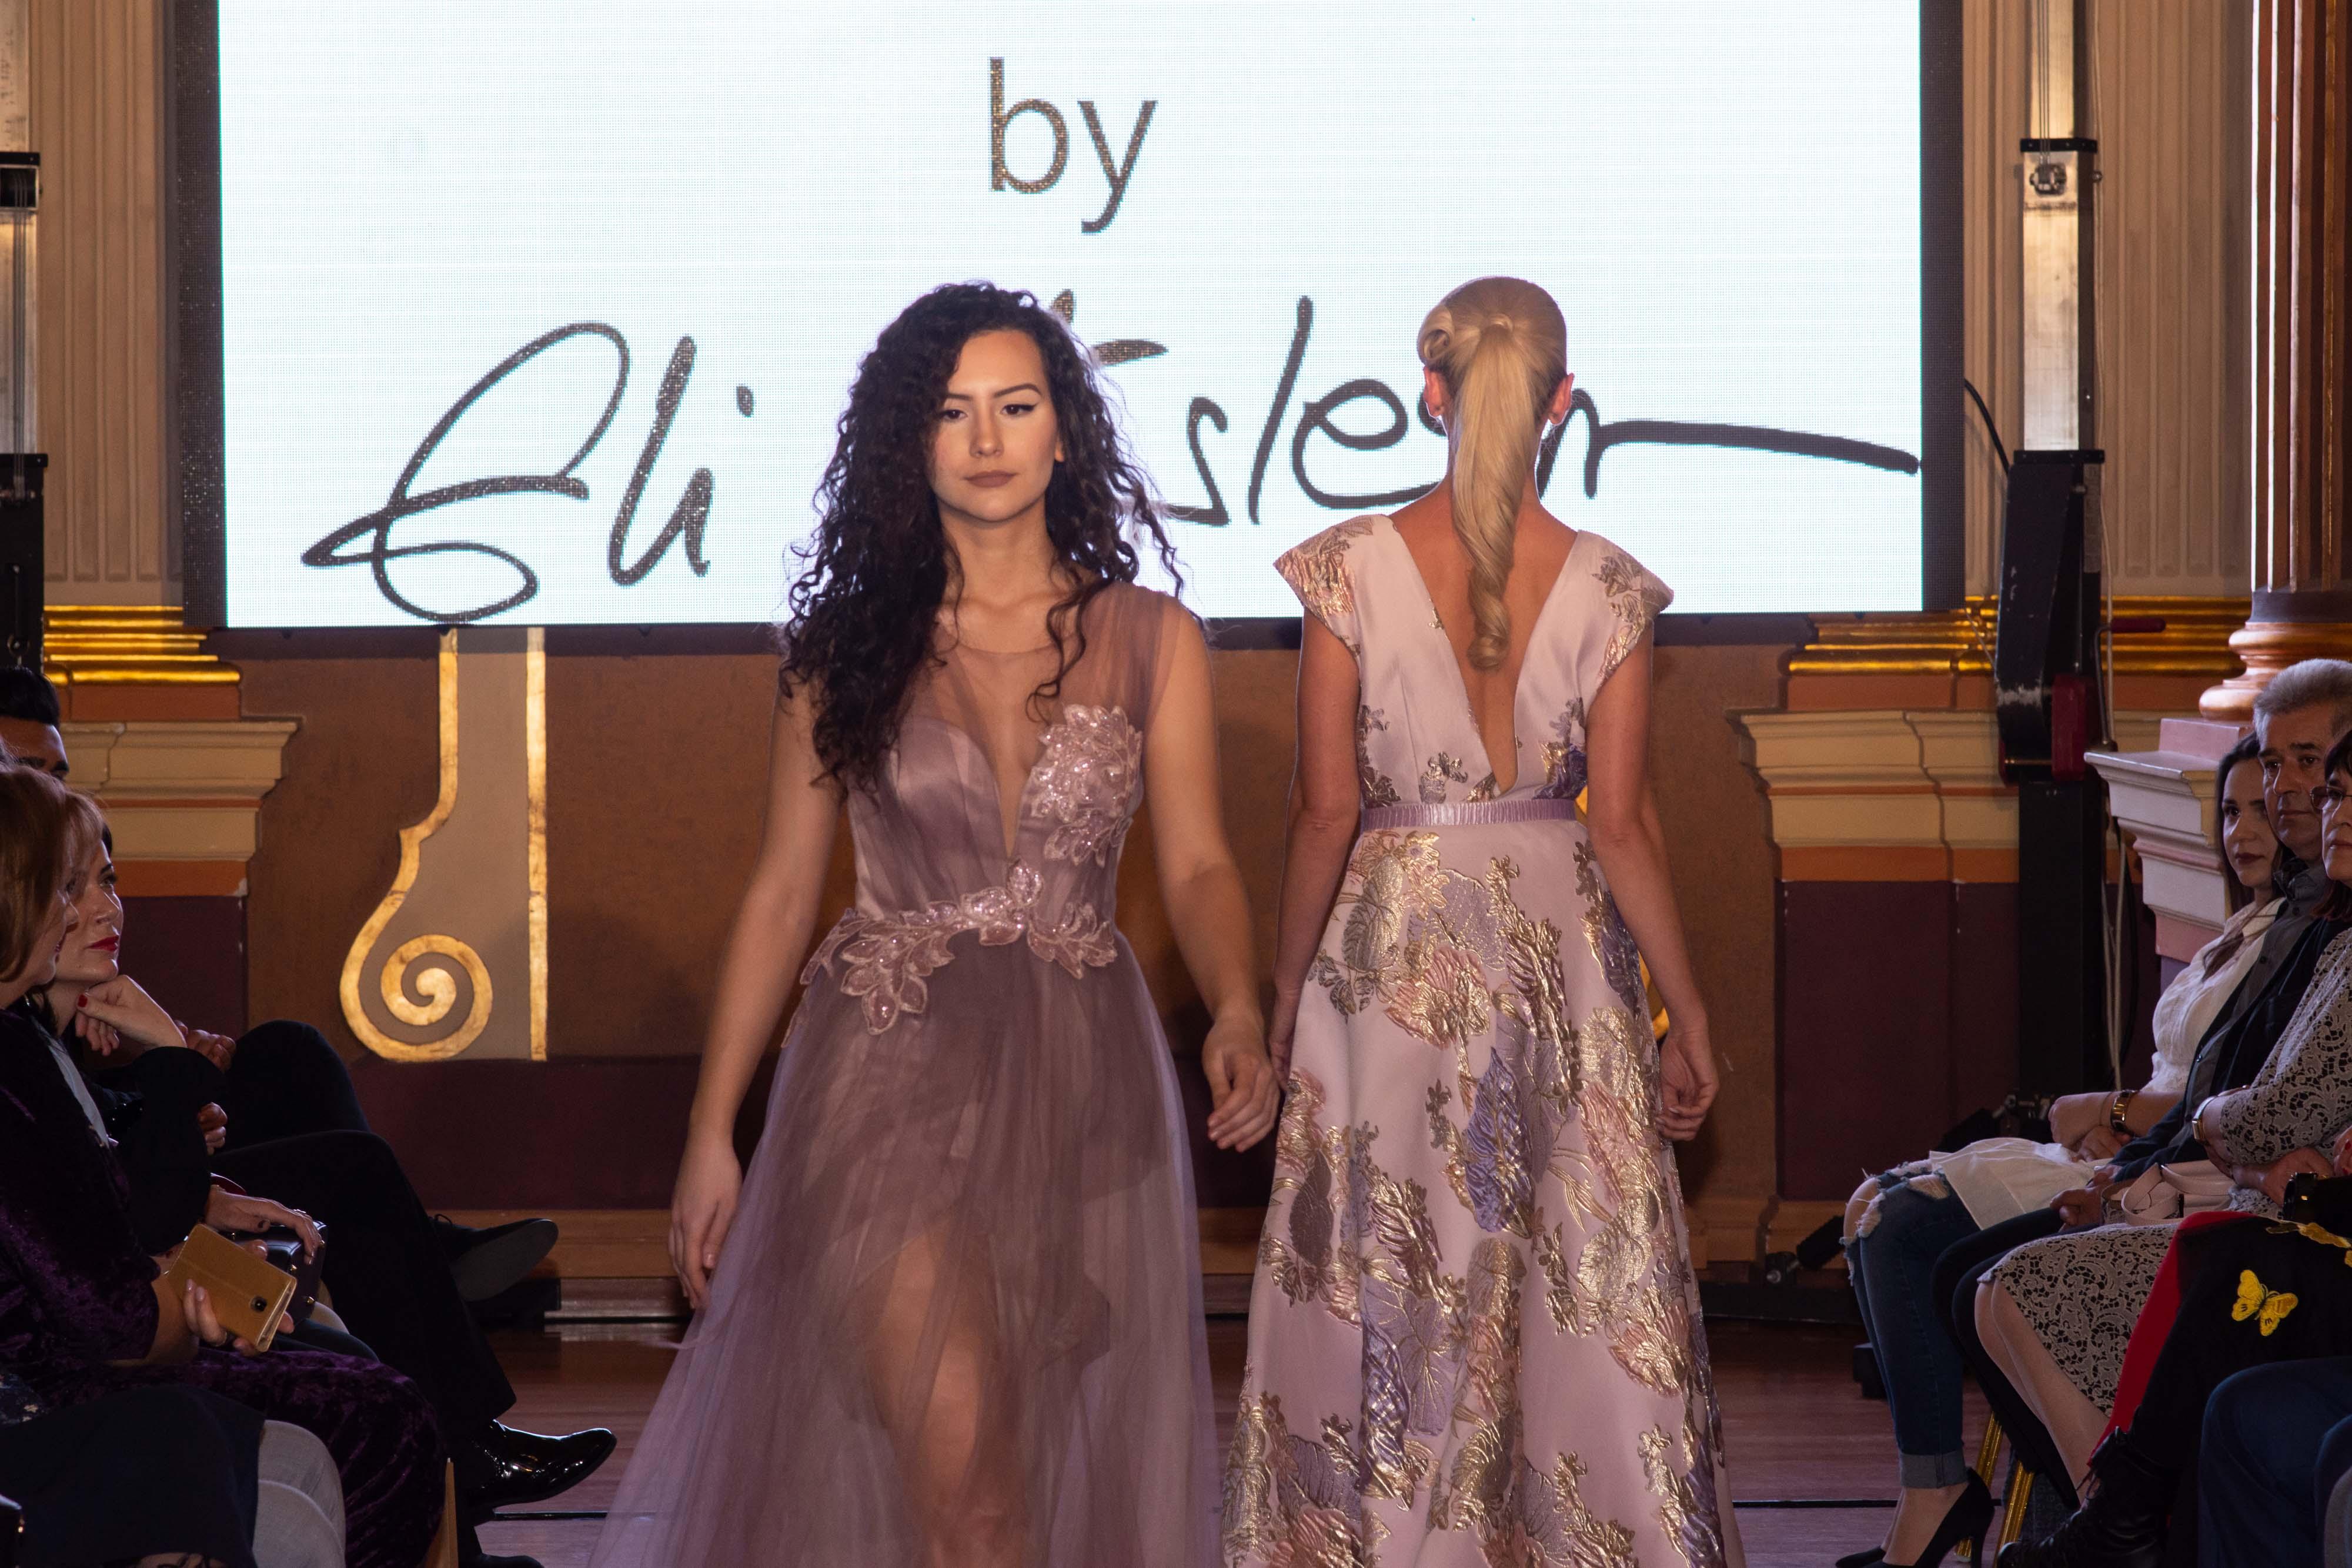 Eleganță, culoare și rafinament la Hello Style! Cum a fost la cel mai important eveniment de fashion din Arad (GALERIE FOTO)